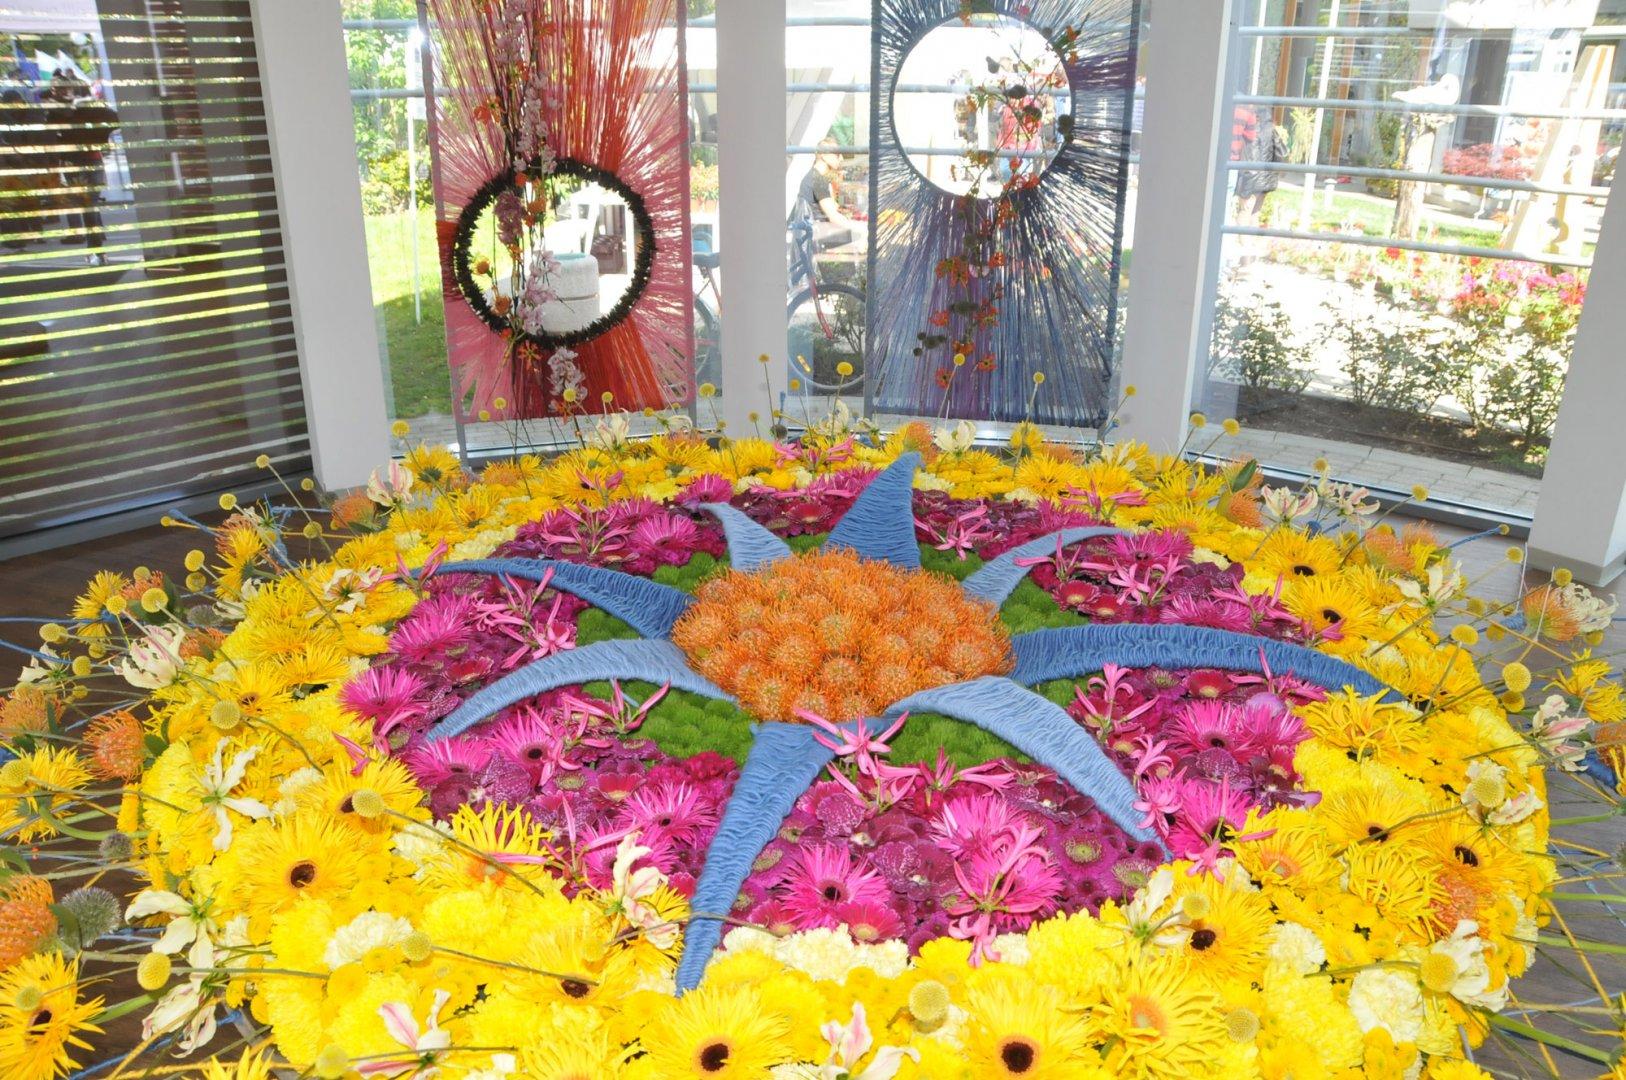 Виртуалната Флора е посветена на изложението на цветя, което се провежда традиционно през май в Бургас. Тази година то не се състоя, заради пандемията от корона вирус. Снимка Архив Черноморие-бг